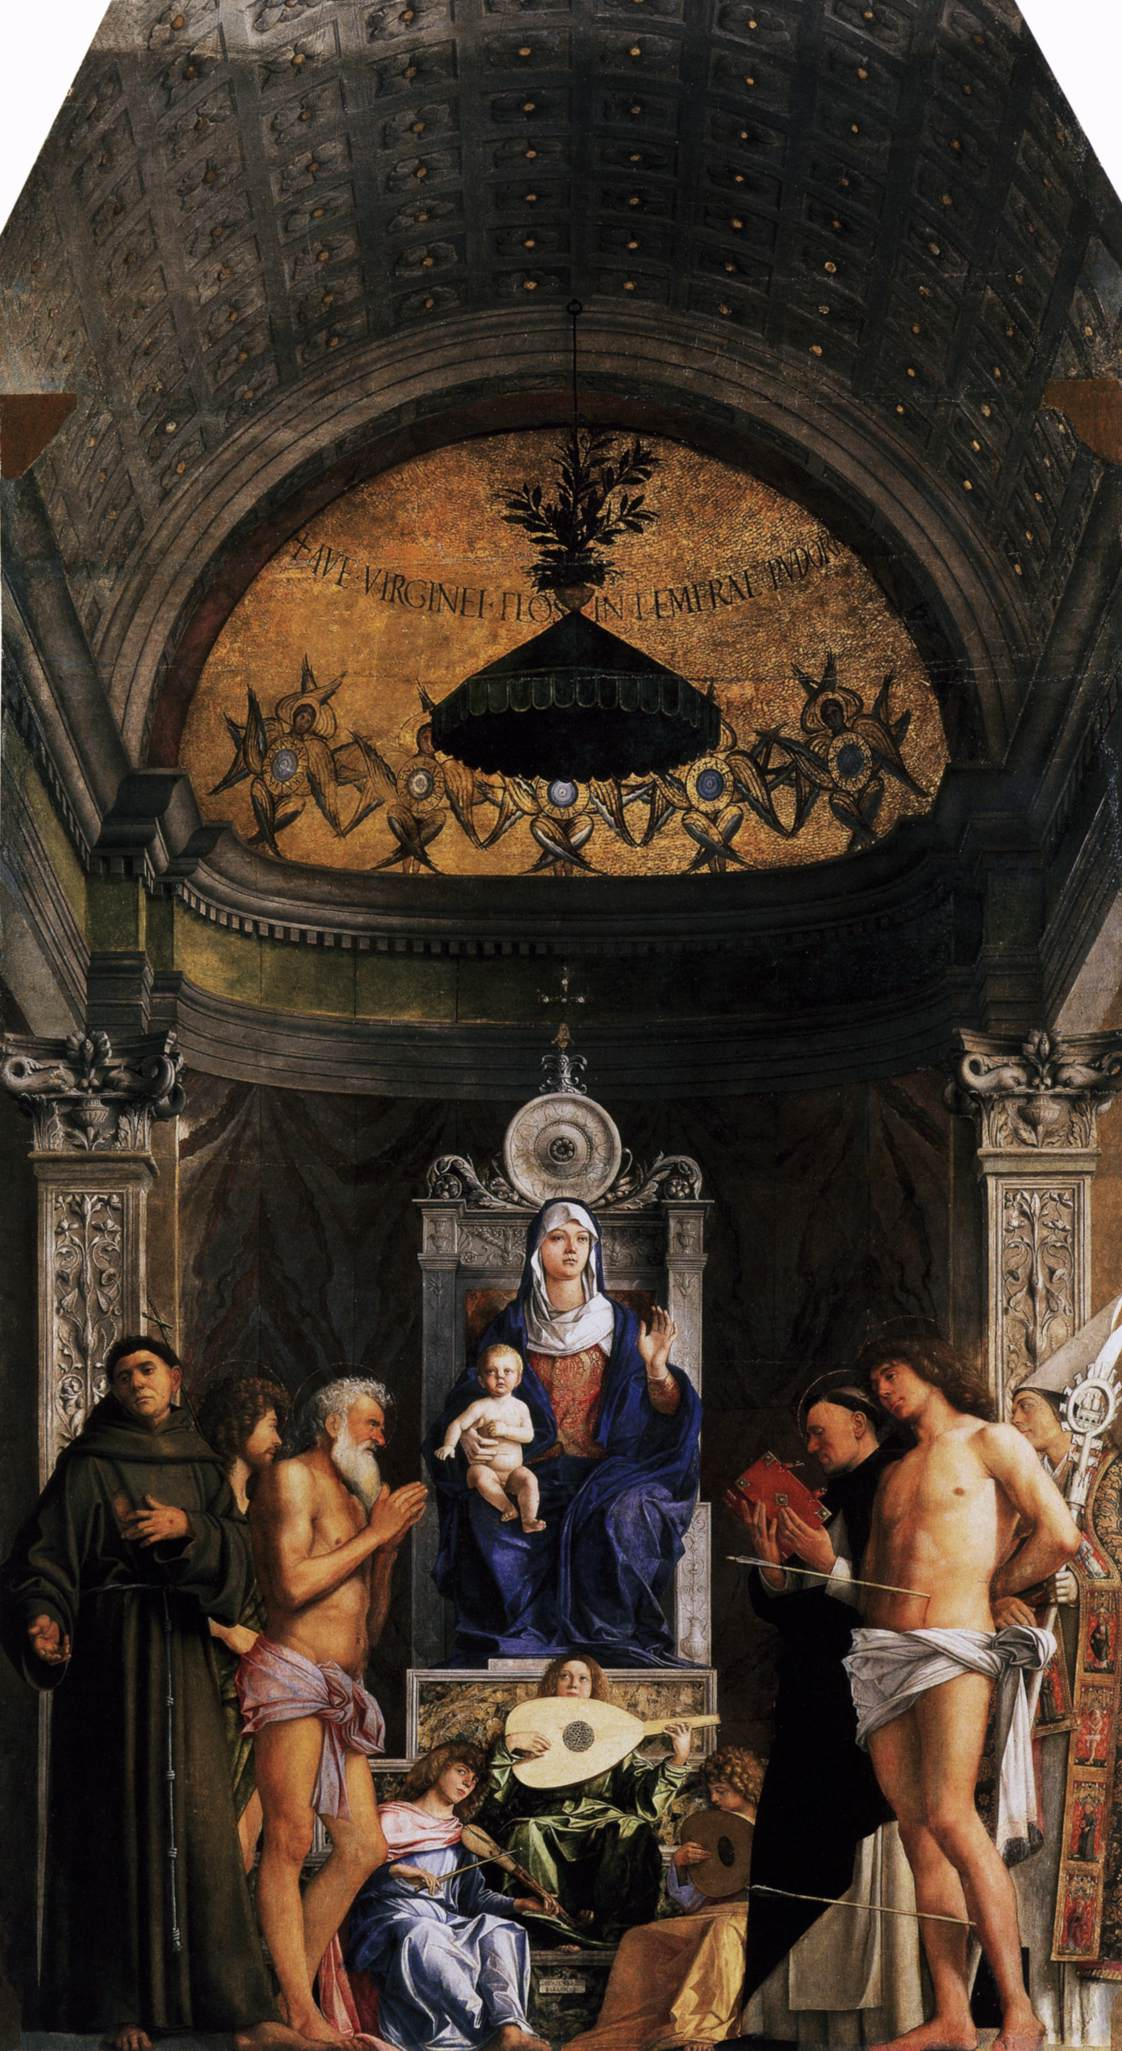 Giovanni bellini gli esordi del rinascimento a venezia for The giovanni